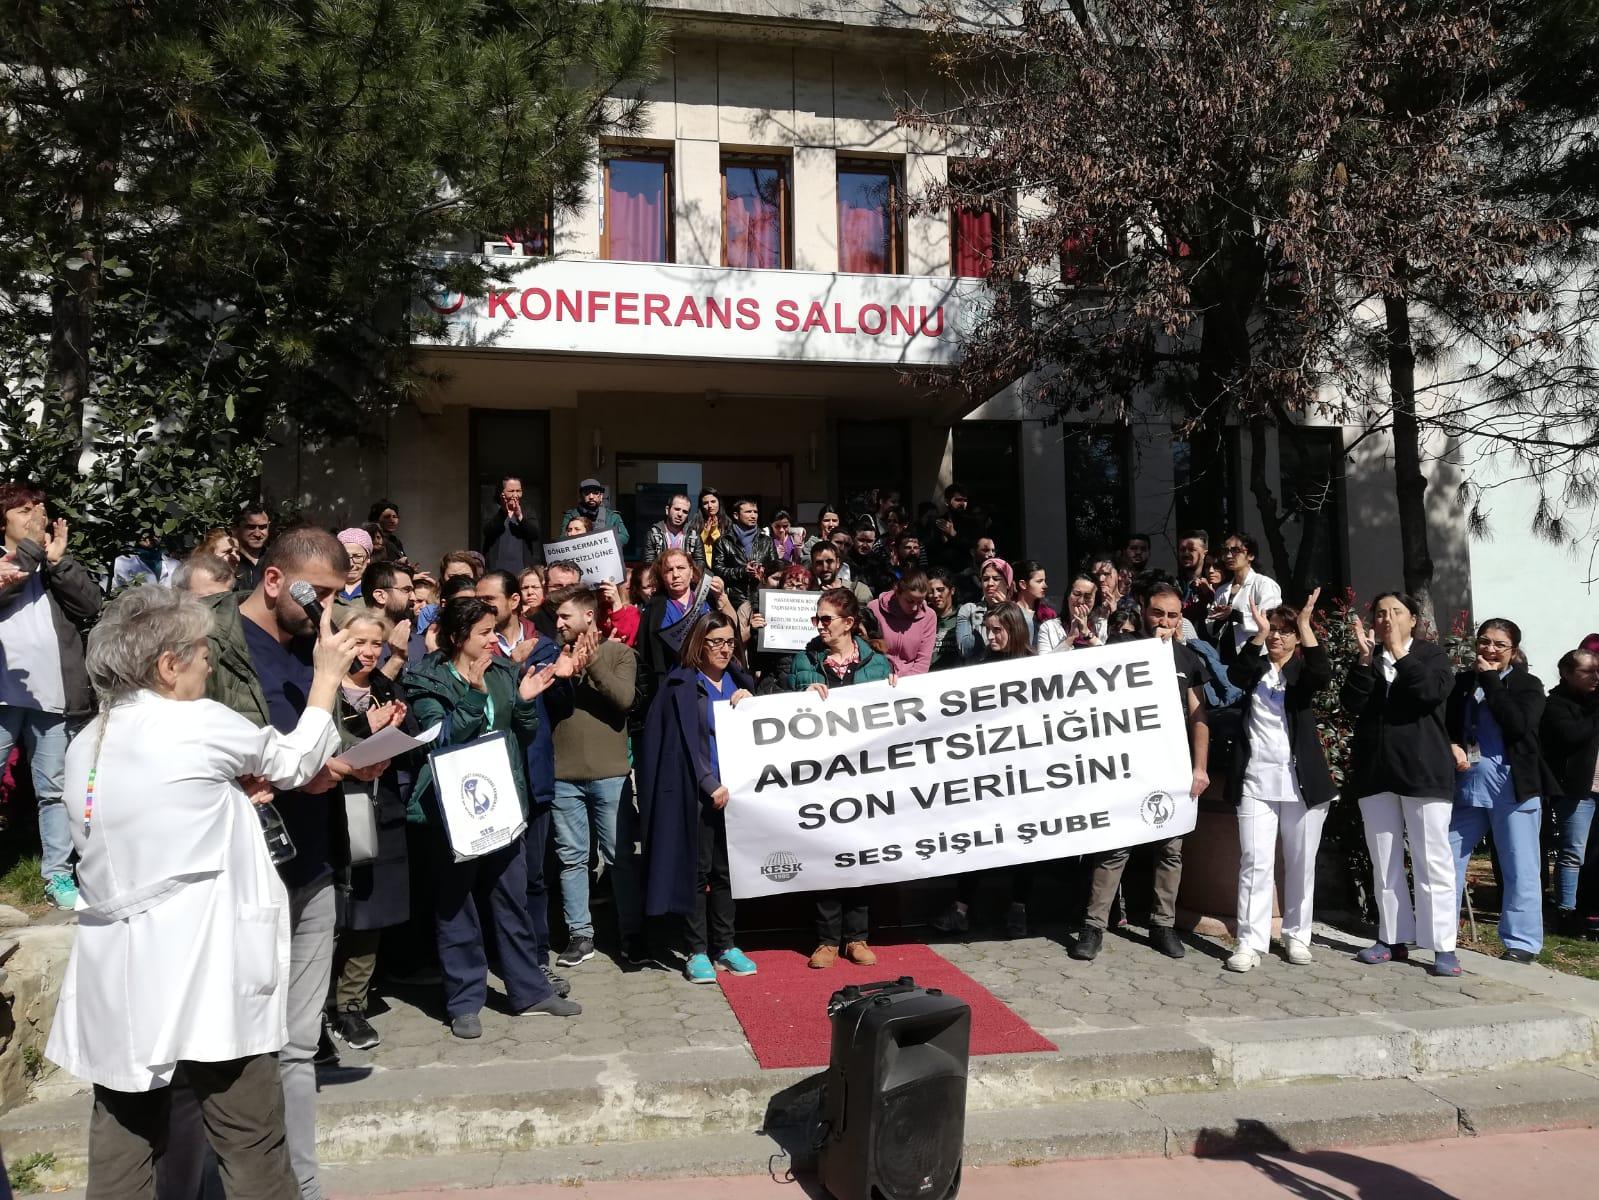 İstanbul Şişli Şubemiz: Krizin, Taşınmanın Bedelini Ödemeyeceğiz